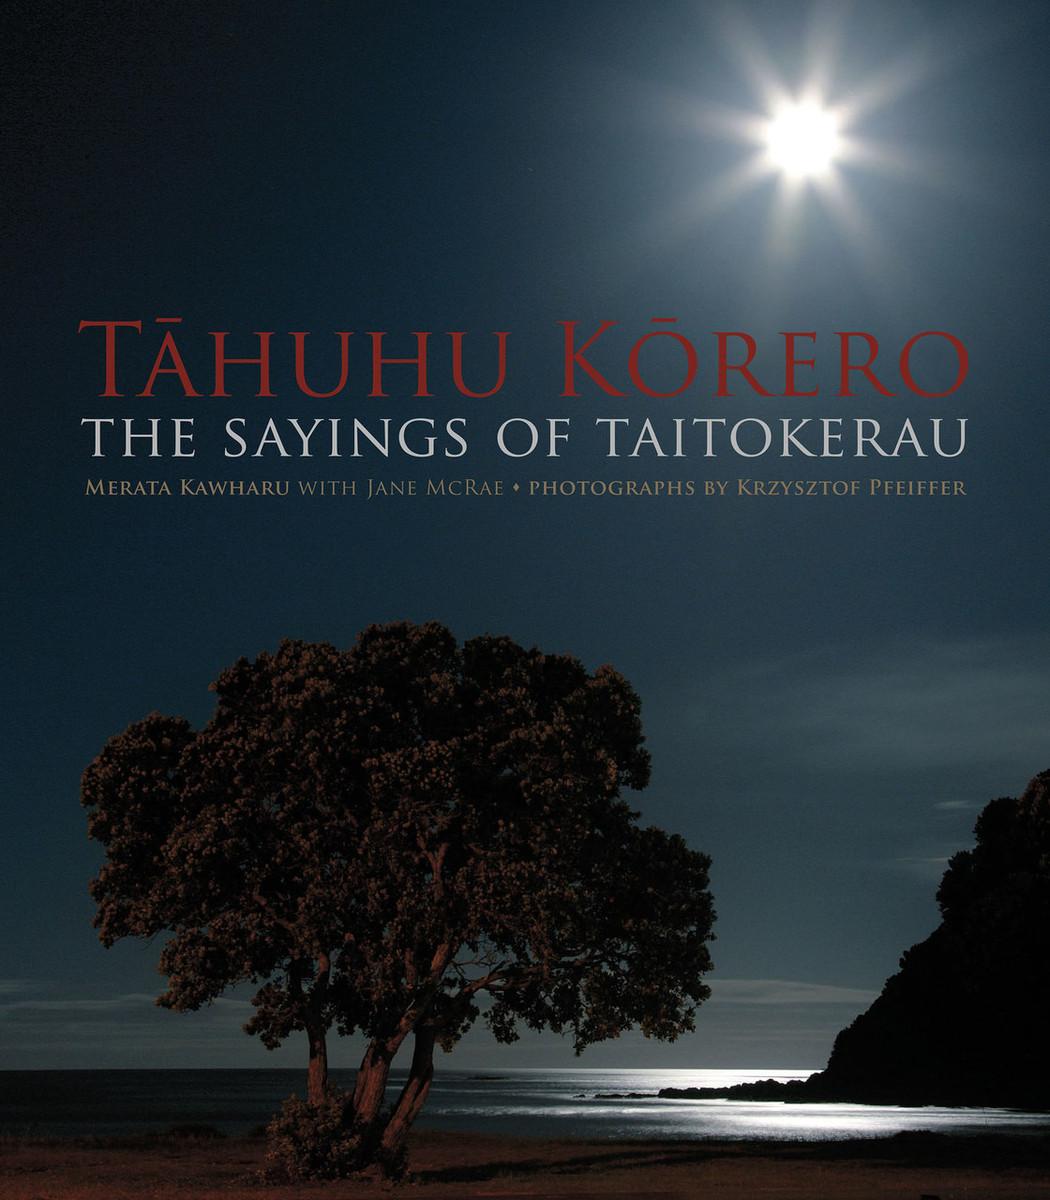 Tahuhu Korero: The Sayings of Taitokerau by Merata Kawharu and photographer Krzysztof Pfeiffer